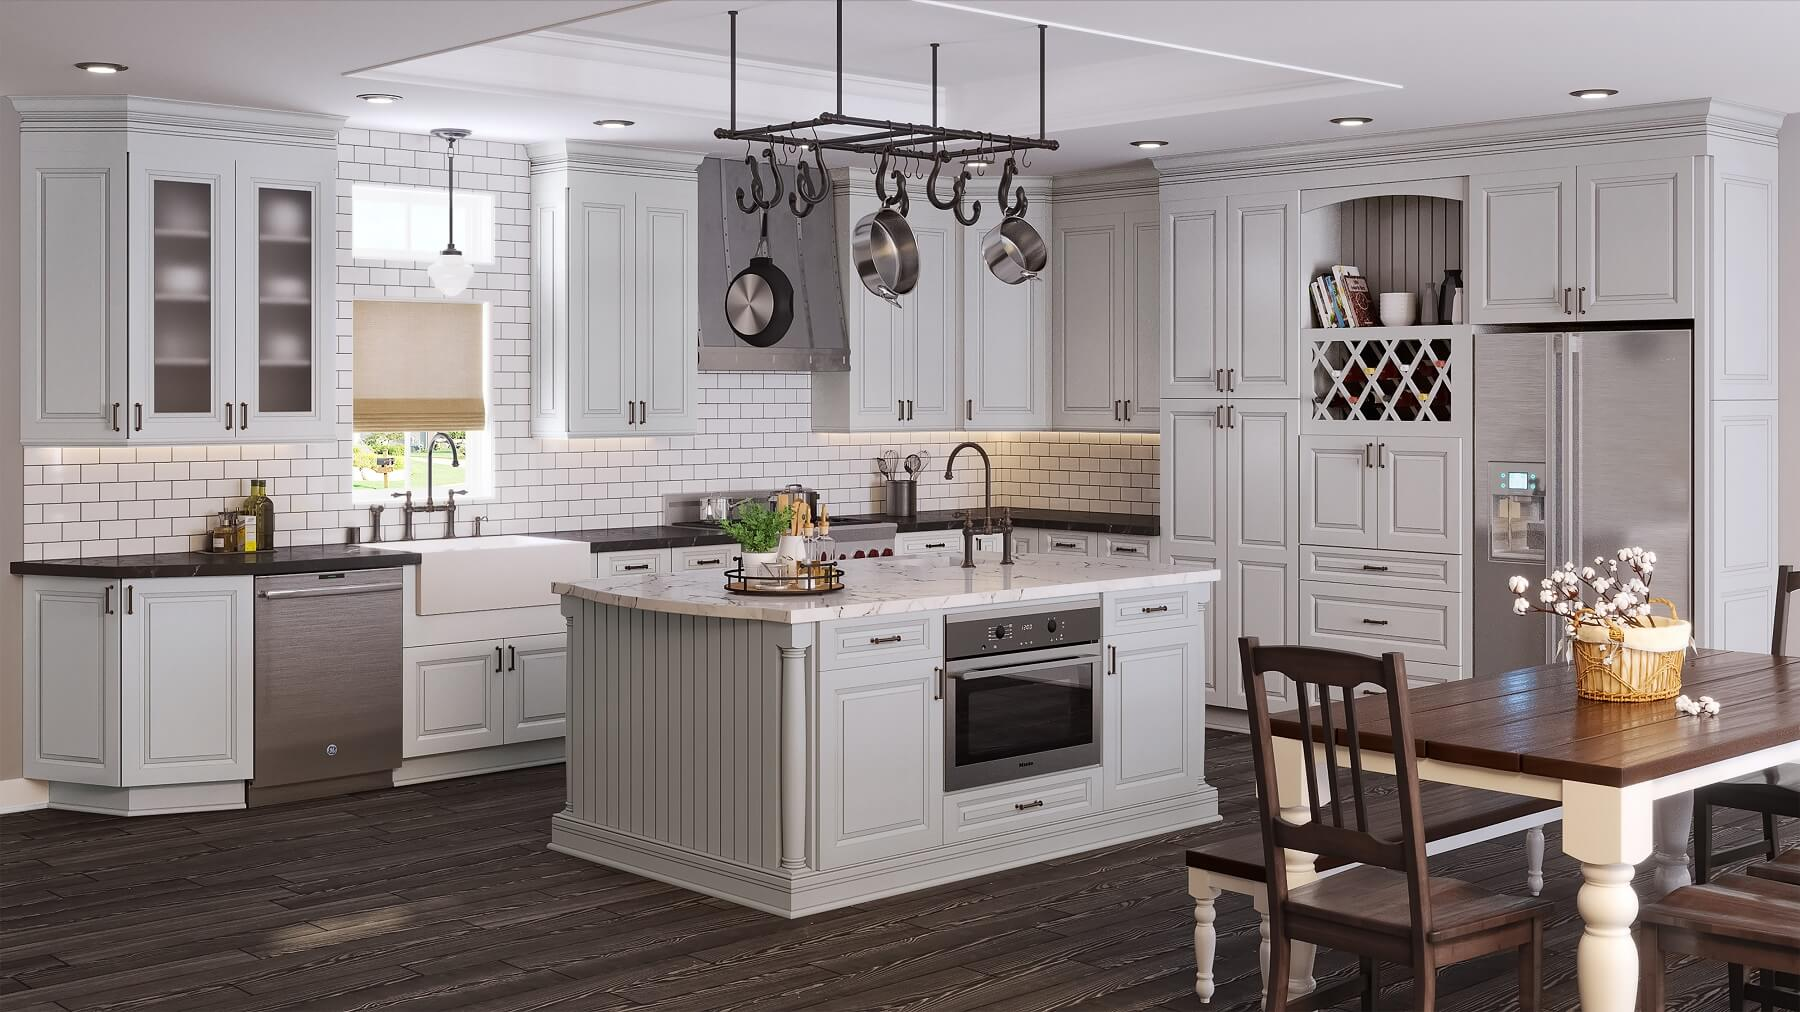 Thiết kế nội thất phòng bếp cổ điển